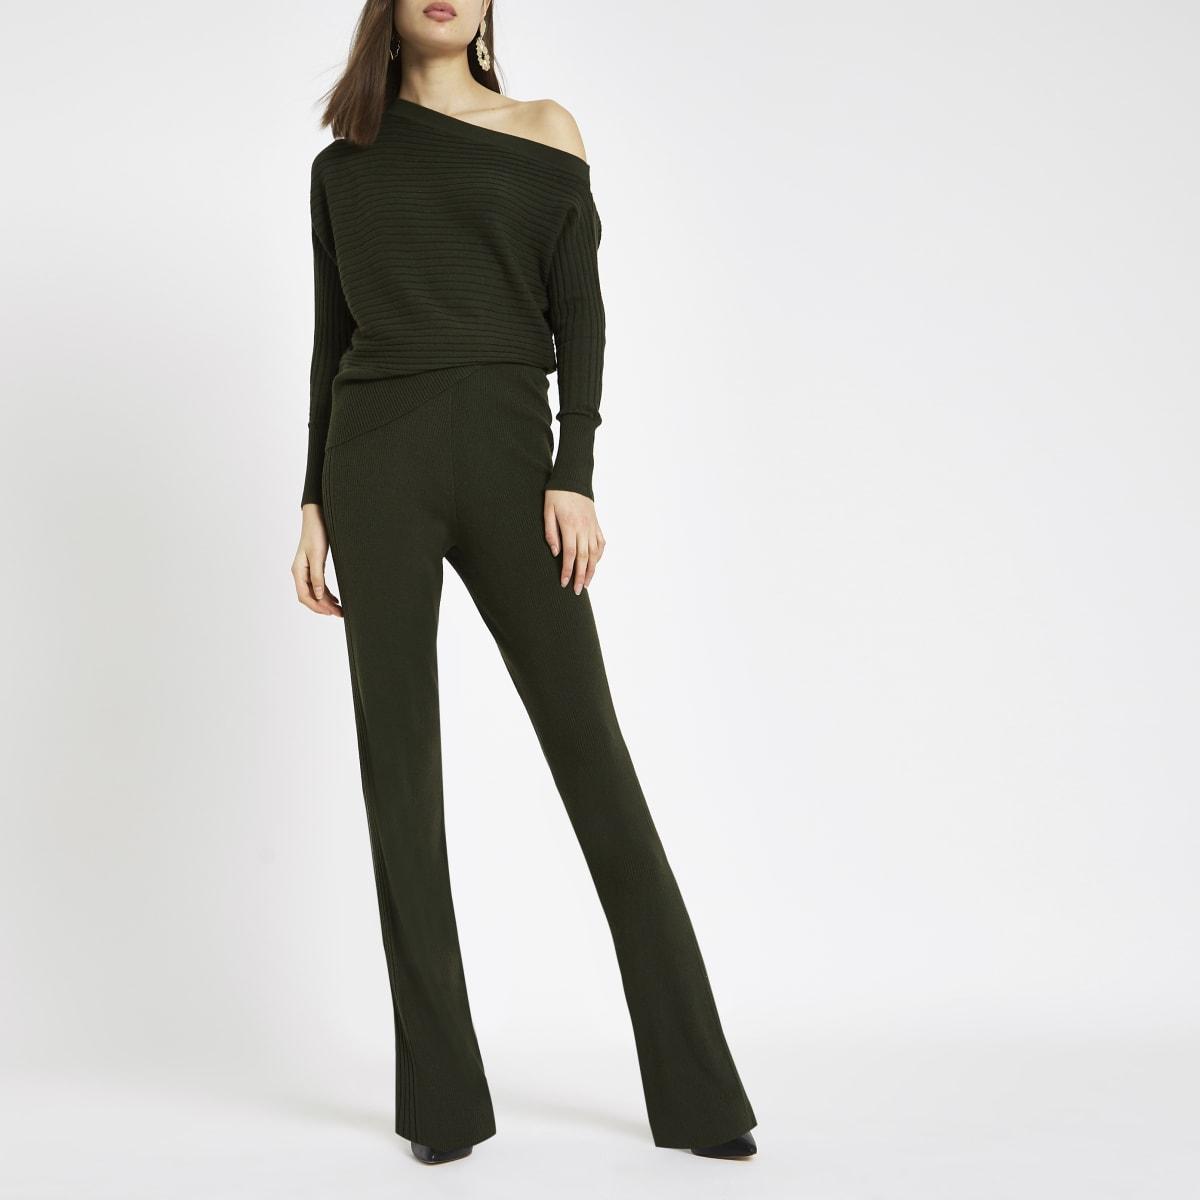 Khaki knit wide leg pants